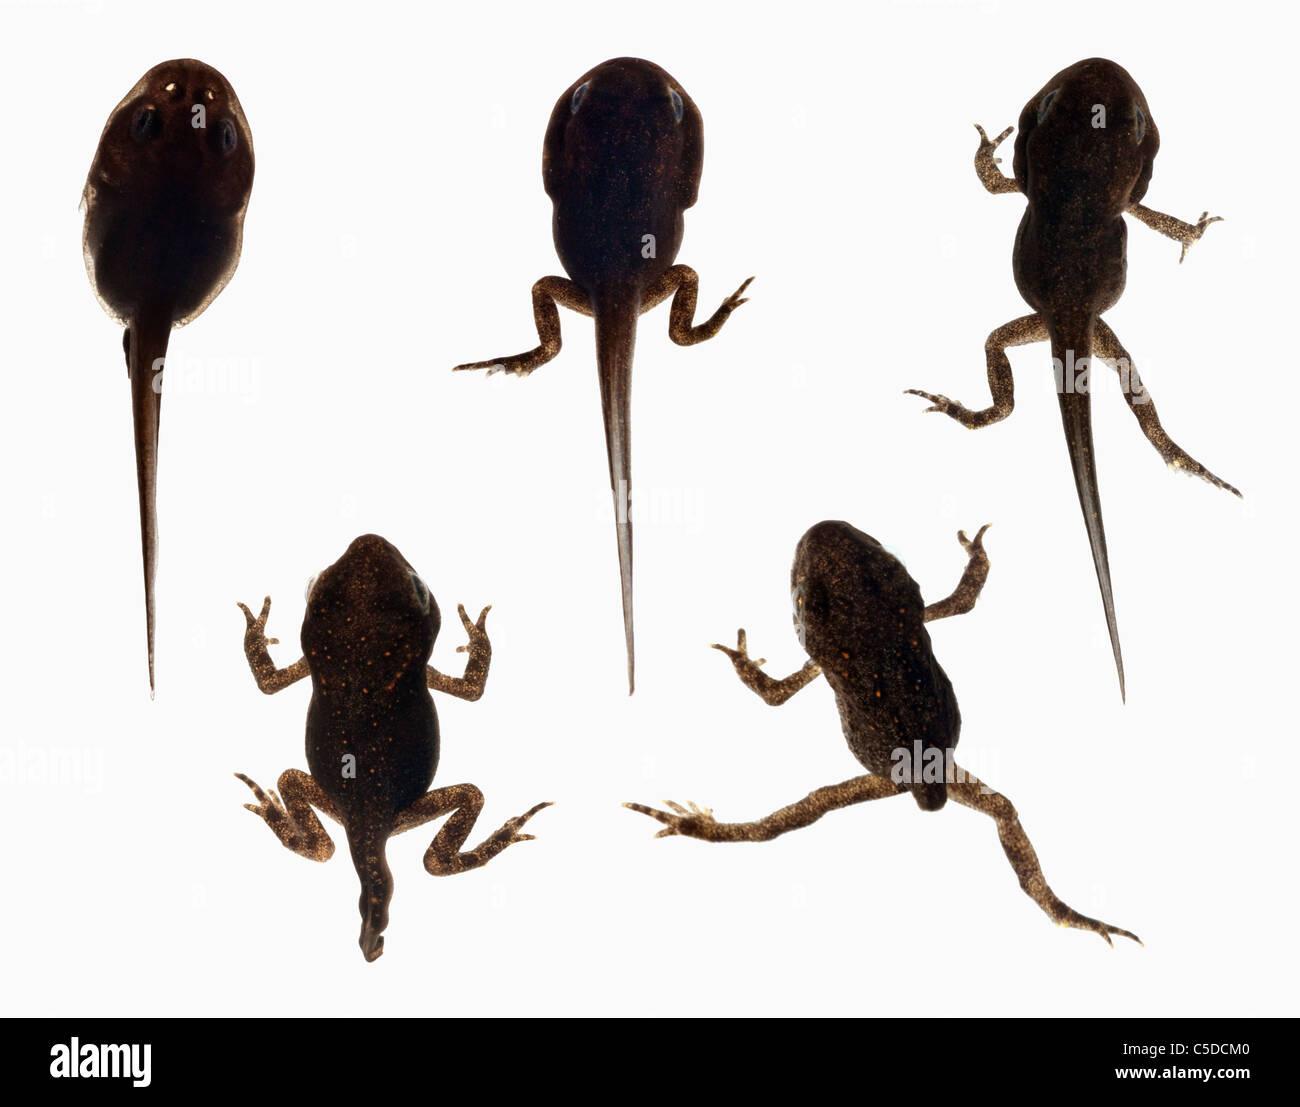 fortlaufende entwicklung eines frosches von der kaulquappe zum erwachsenen frosch stockfoto. Black Bedroom Furniture Sets. Home Design Ideas